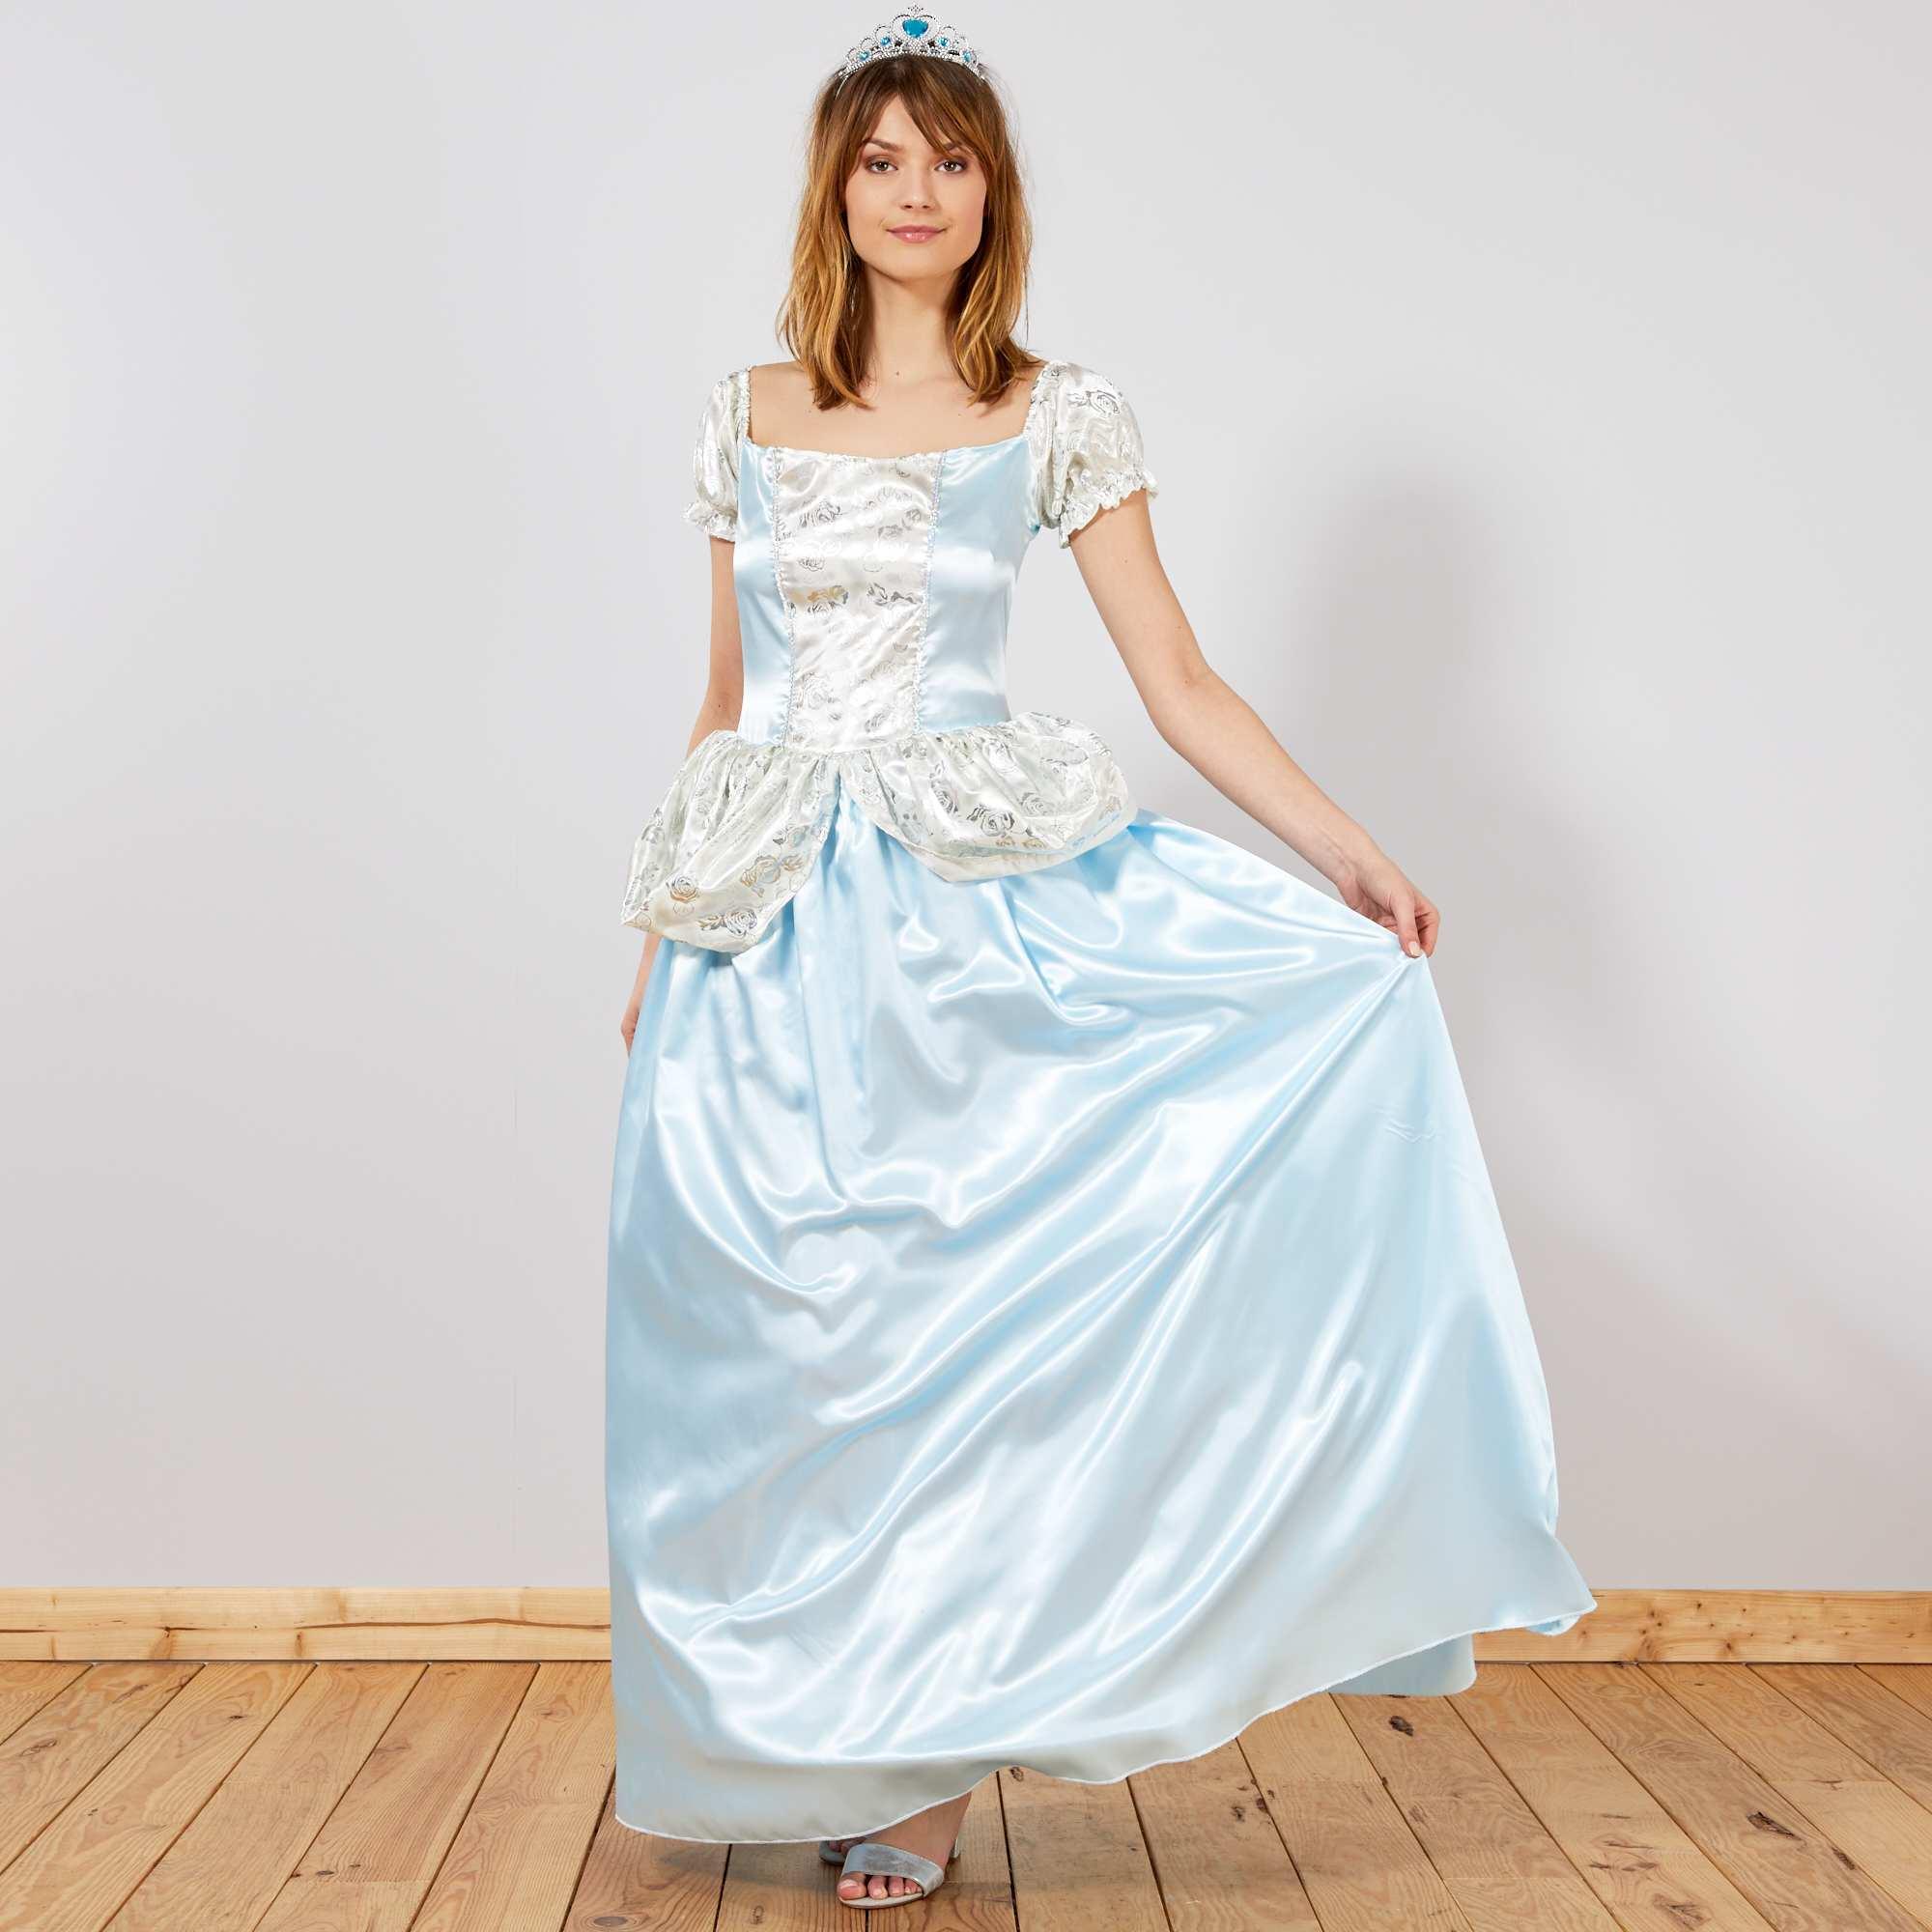 d guisement de princesse des glaces femme bleu kiabi 26 00. Black Bedroom Furniture Sets. Home Design Ideas